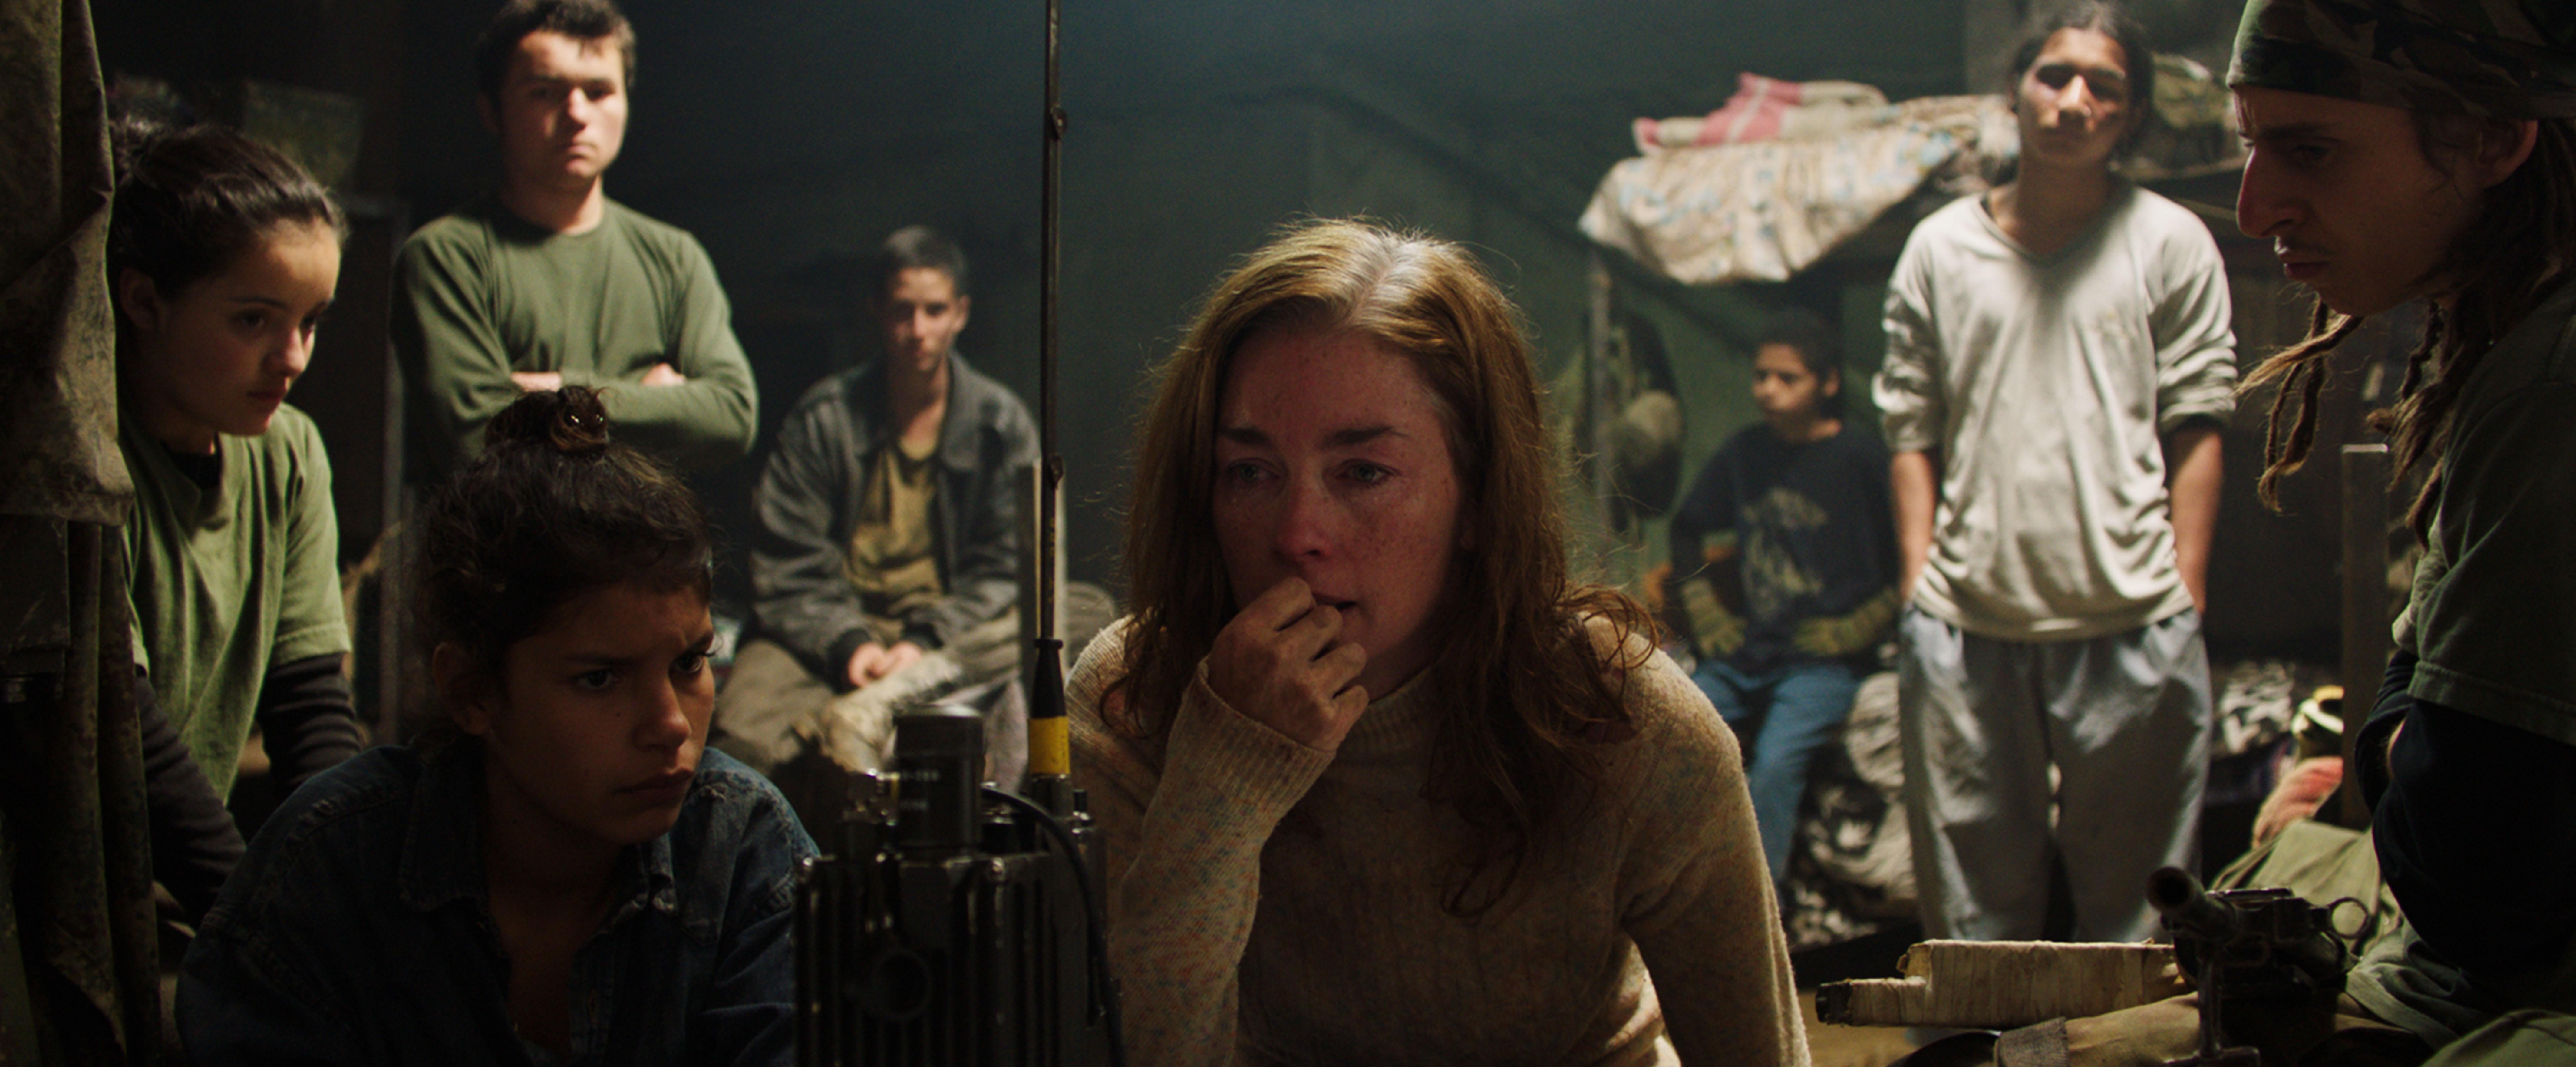 Monos, directed by Alejandro Landes and Alexis dos Santos.